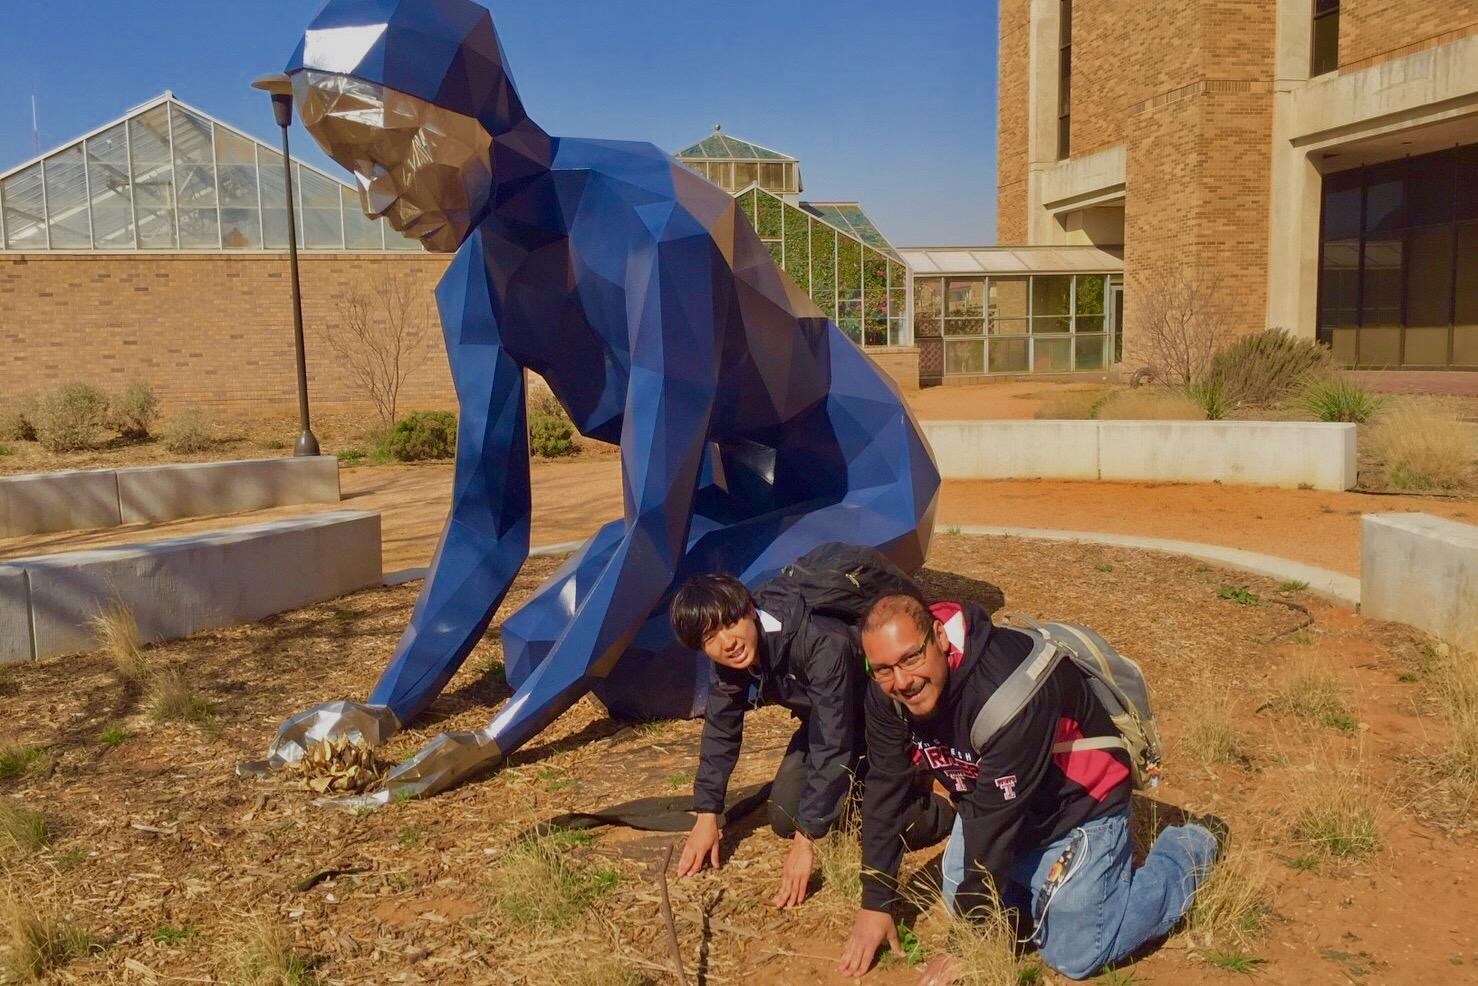 【アメリカロードトリップ】Texas Tech University